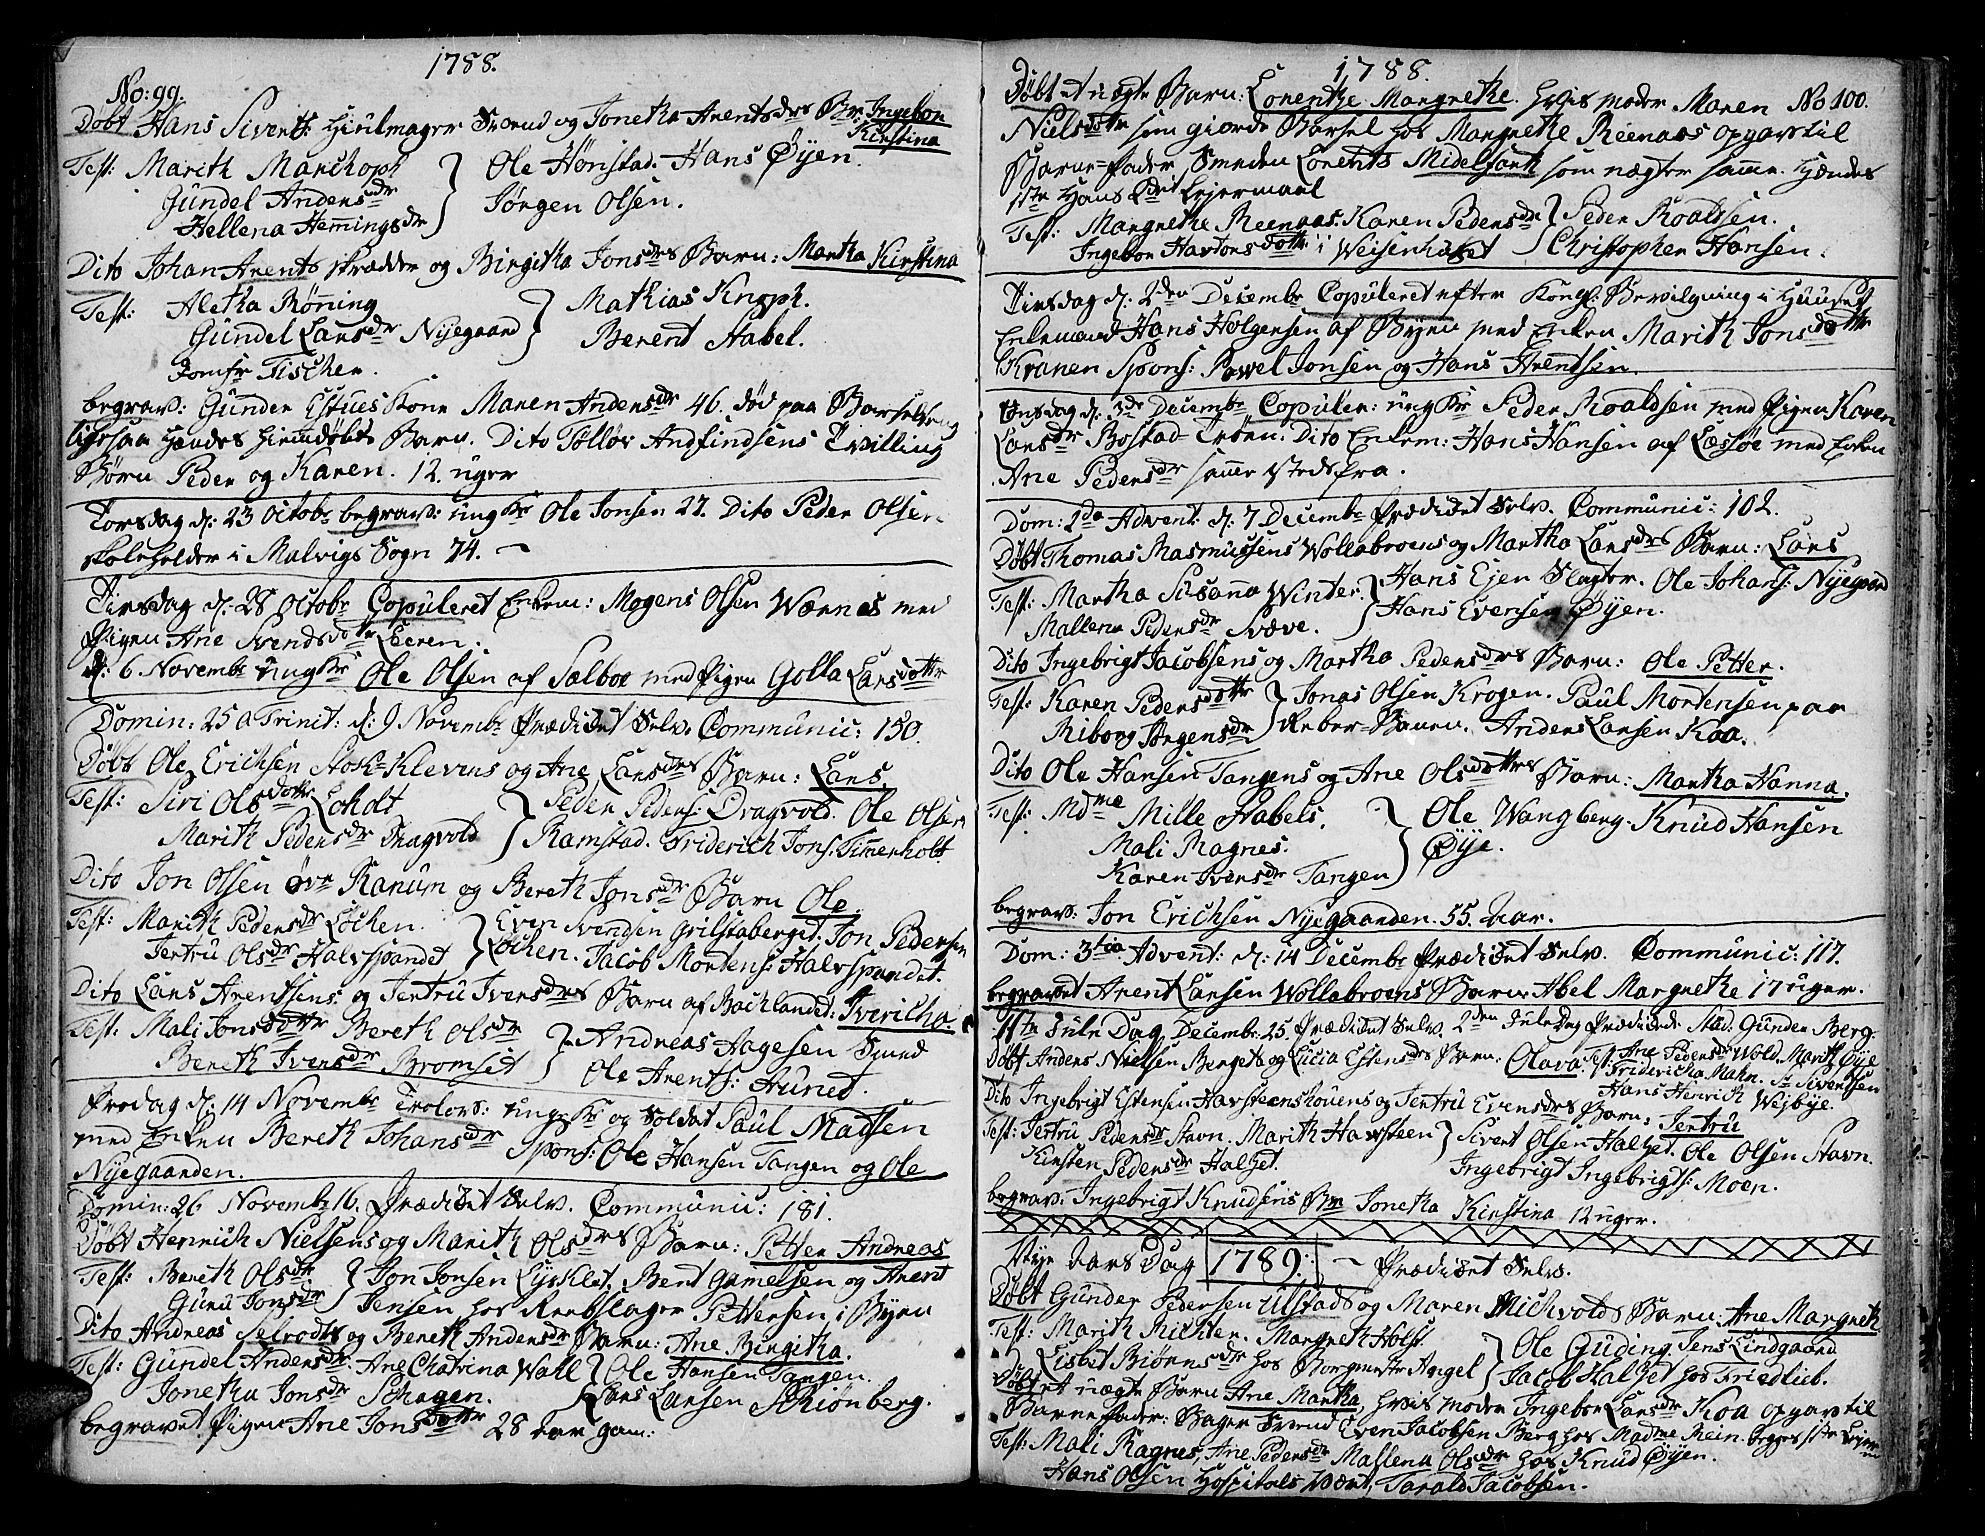 SAT, Ministerialprotokoller, klokkerbøker og fødselsregistre - Sør-Trøndelag, 604/L0180: Ministerialbok nr. 604A01, 1780-1797, s. 99-100